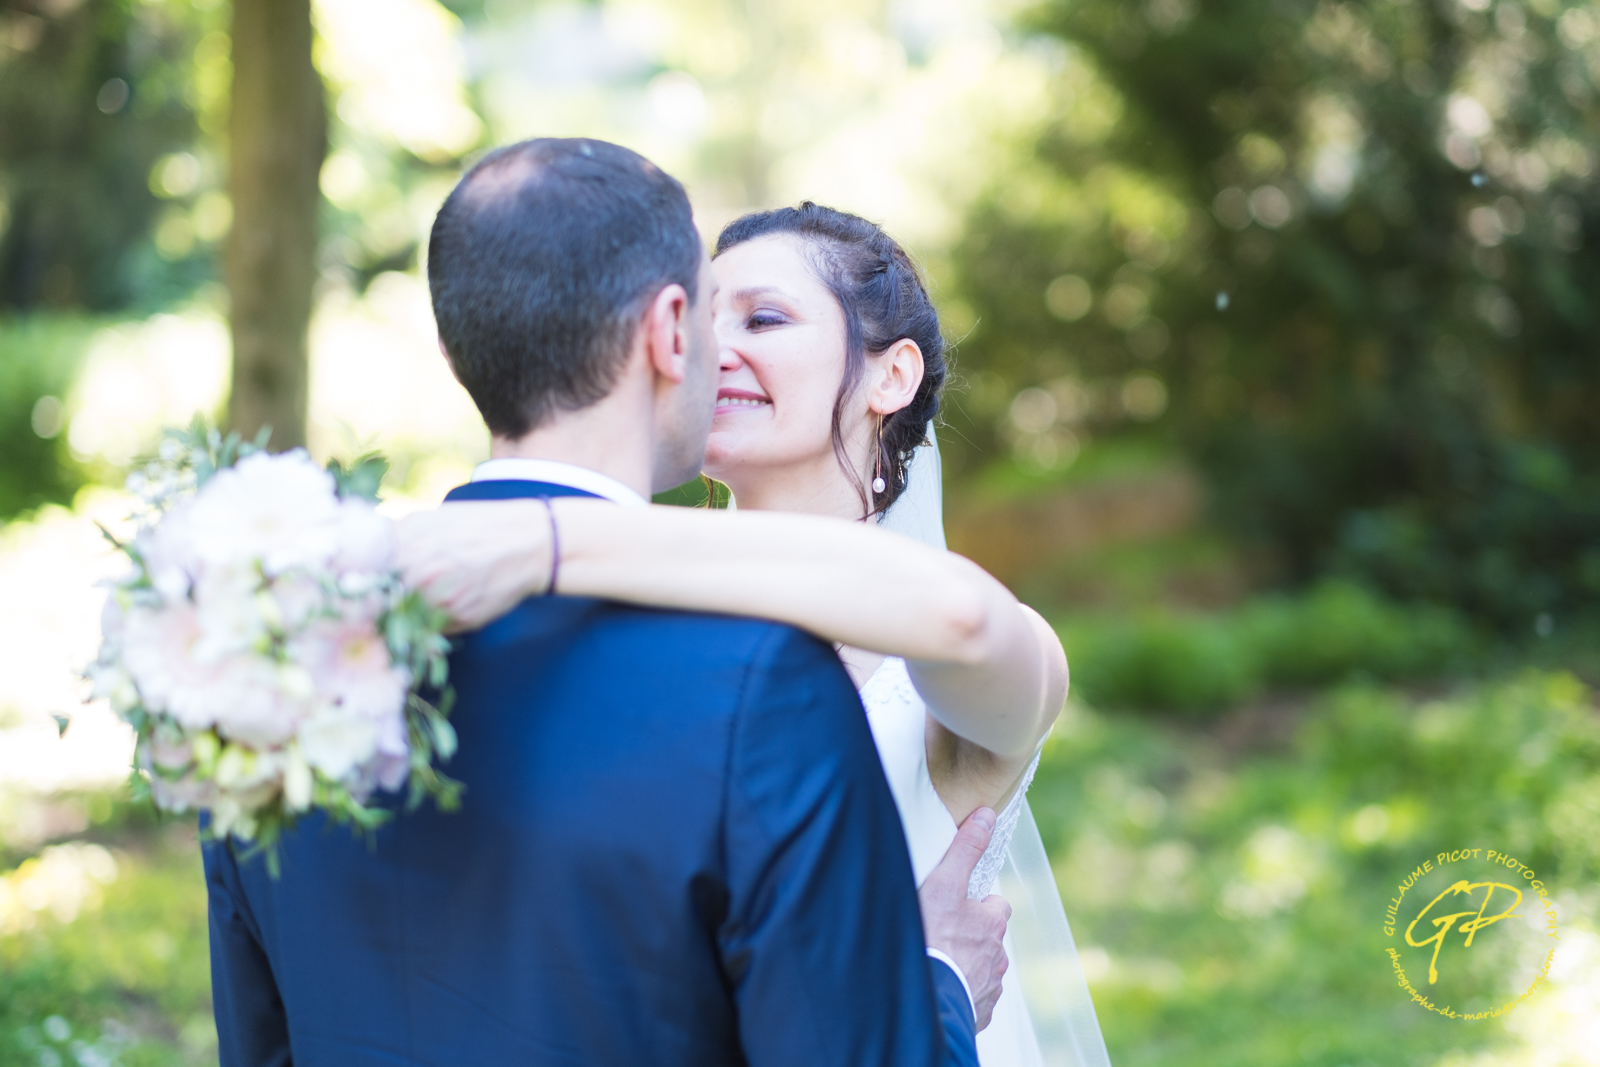 mariage gentilhommière-21